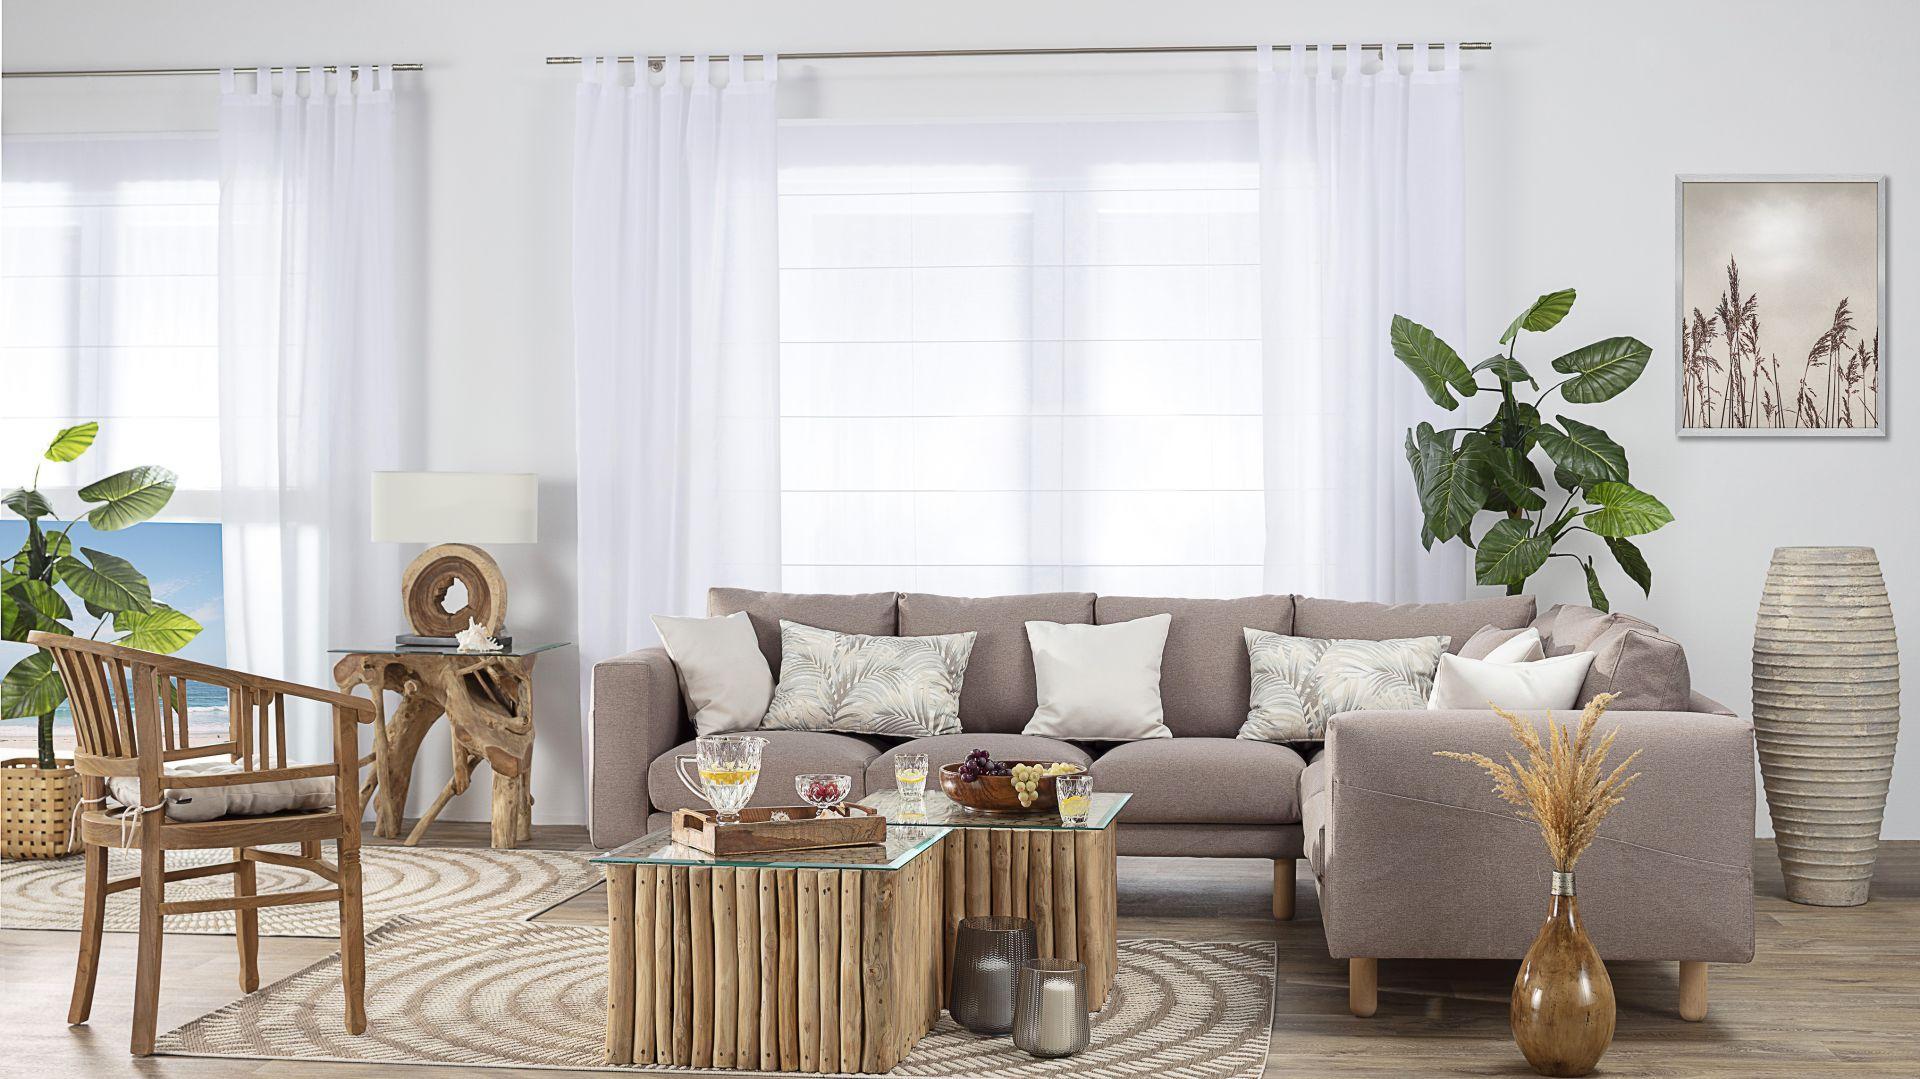 Oprócz kolorowych elementów w tegorocznych aranżacjach znajdzie się również miejsce dla klasycznych drewnianych mebli, których cechami charakterystycznymi mają być solidność oraz elegancja; na zdj. krzesło Clyton. Fot. Dekoria